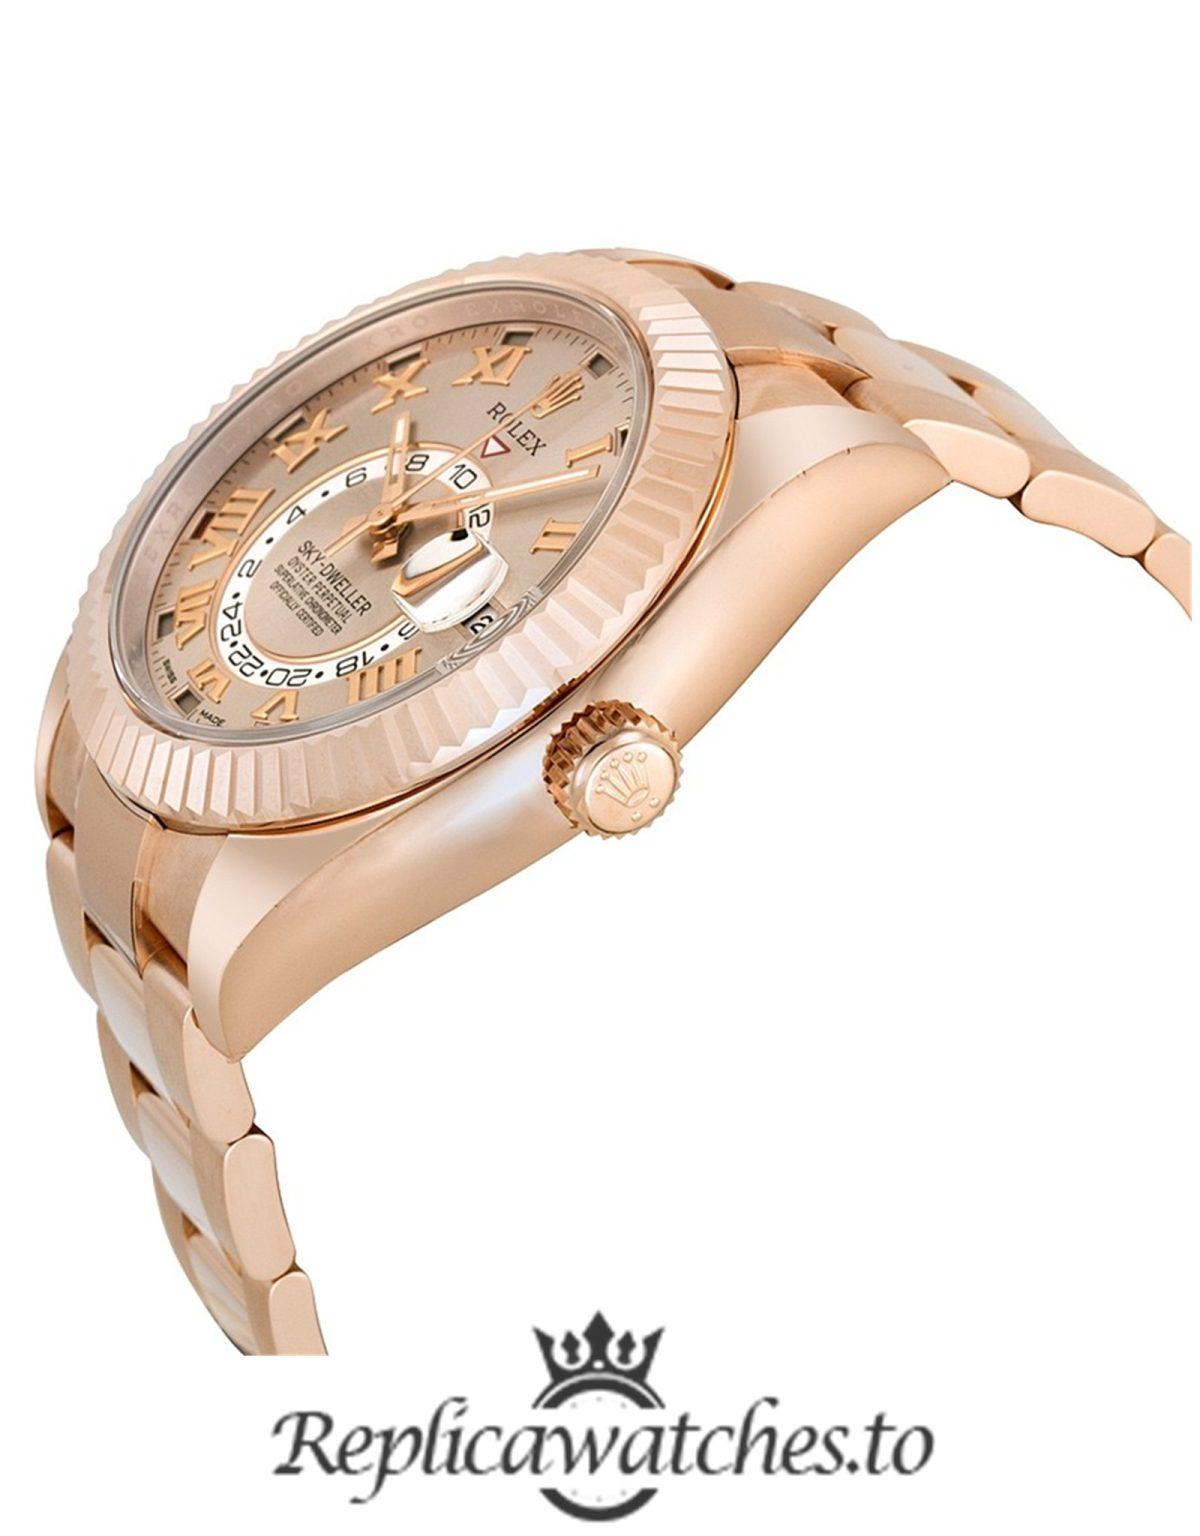 Rolex Sky Dweller Replica 326935 Rose Gold Bezel 42MM